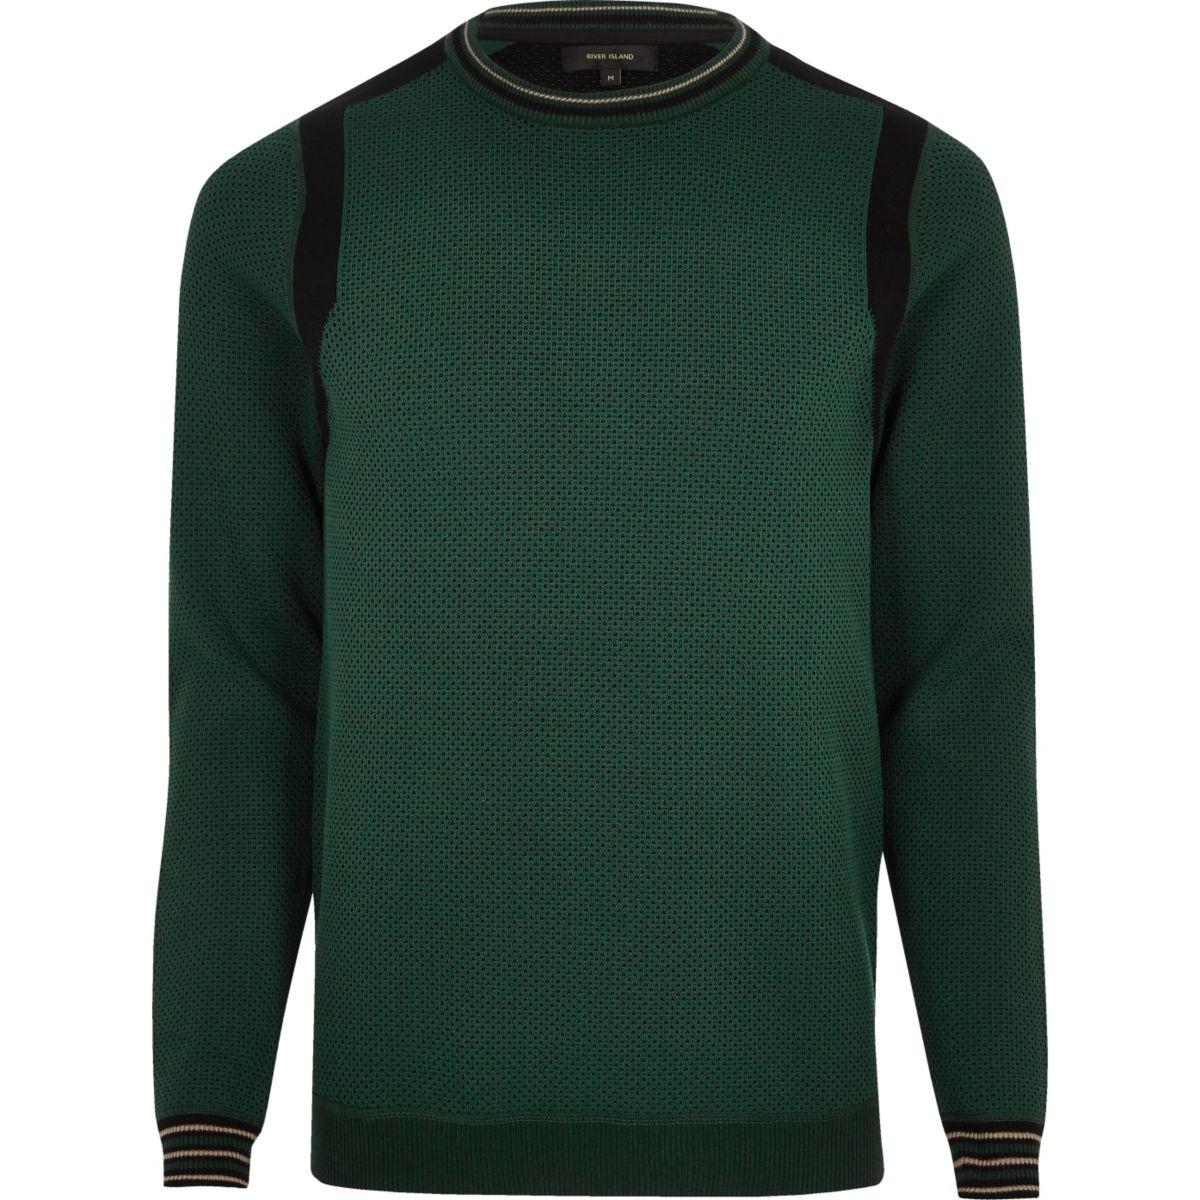 Dark green textured color block sweater